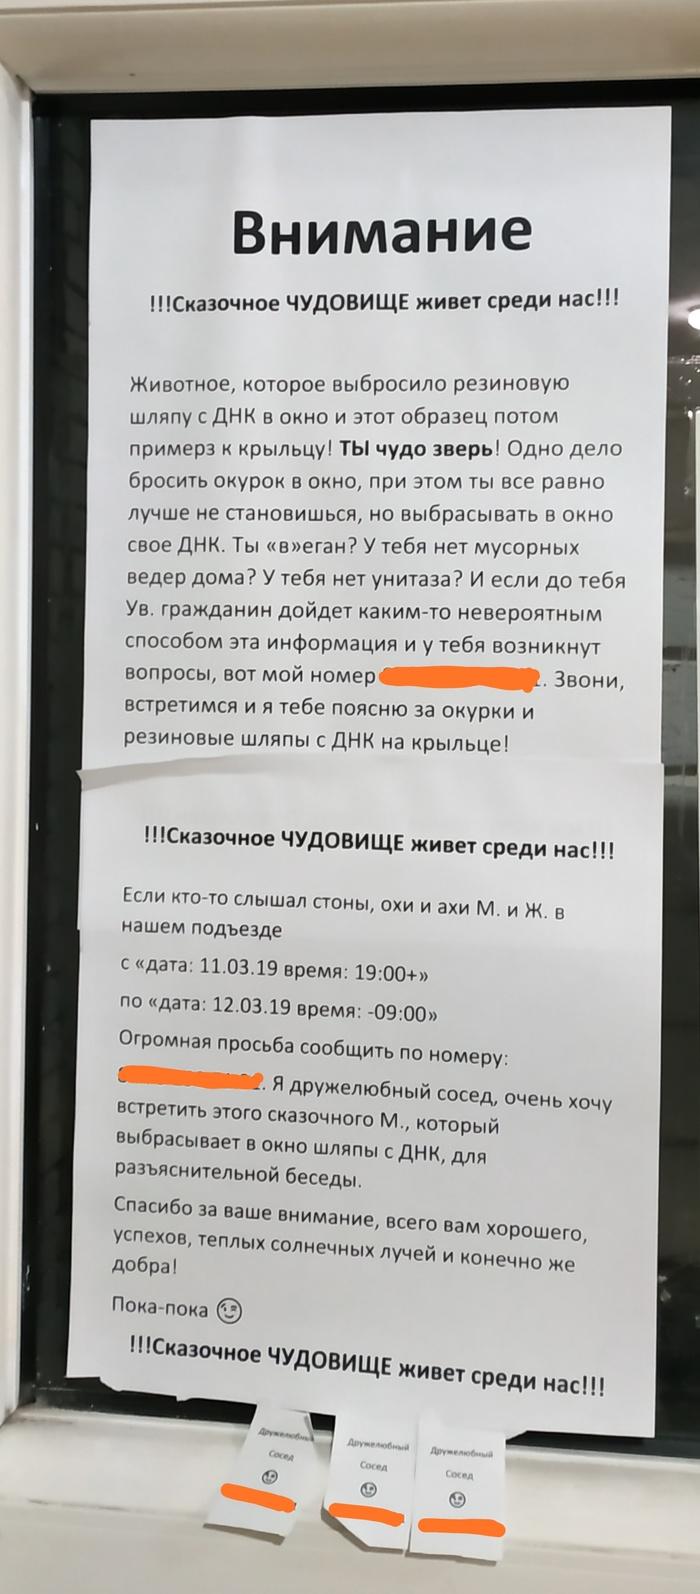 Сказочное ЧУДОВИЩЕ Соседи, Мусор, Длиннопост